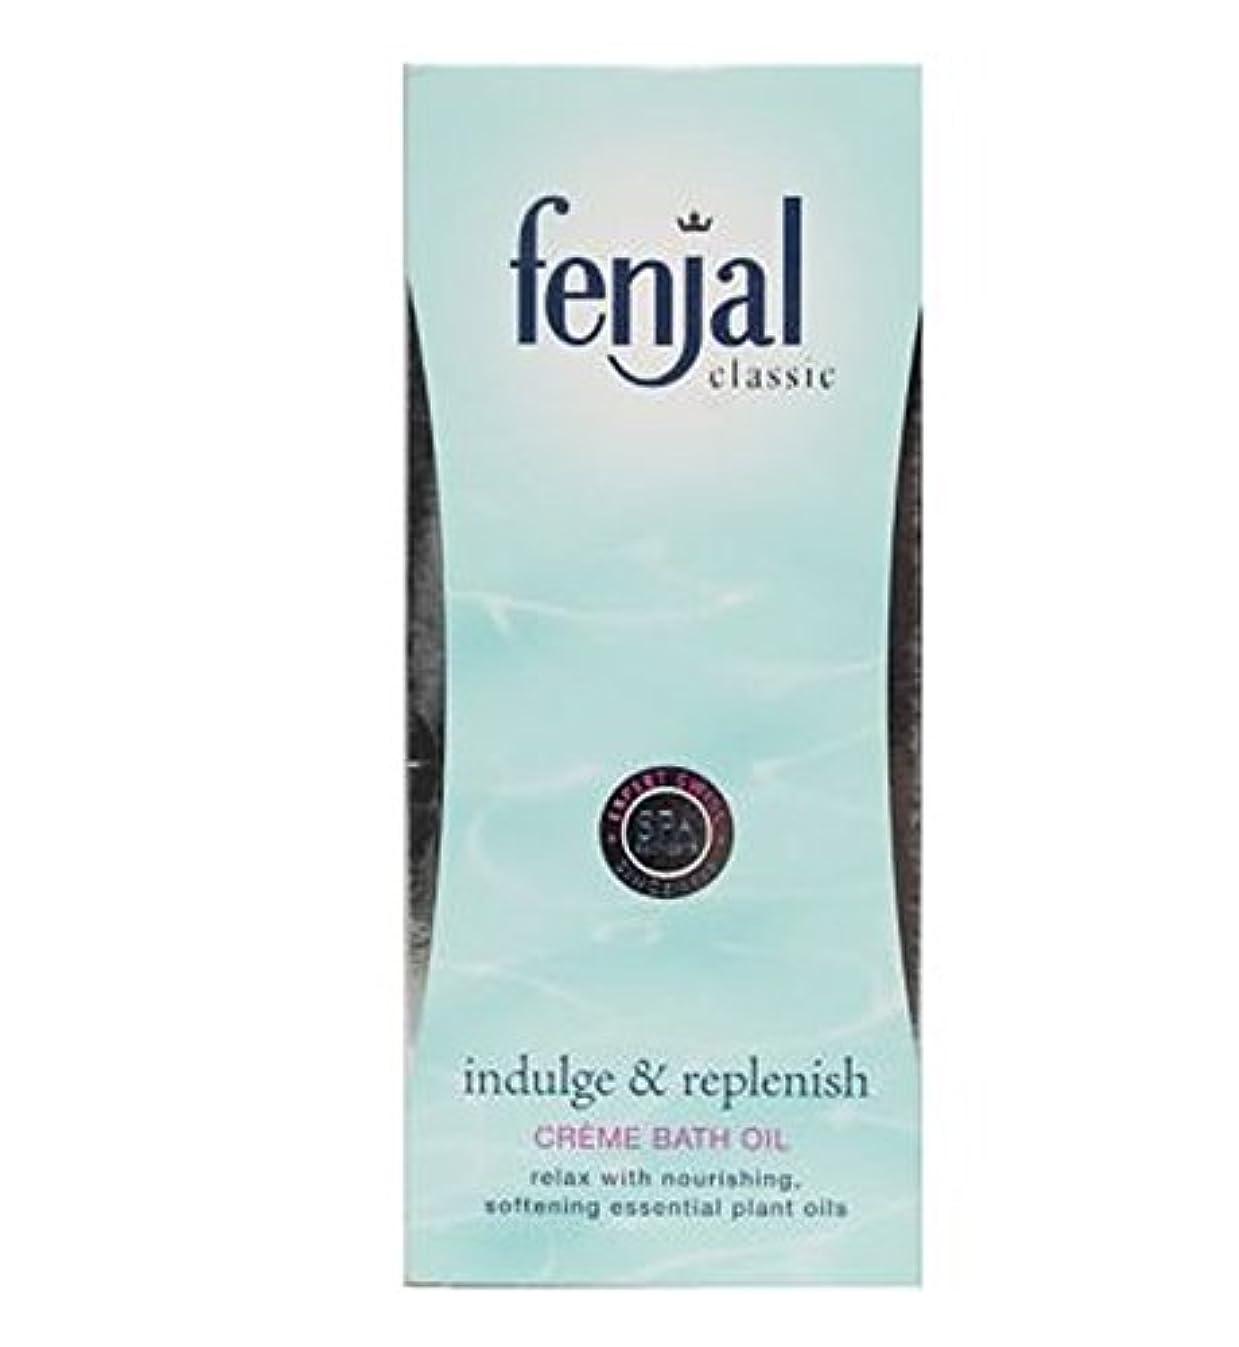 くるくる不実アレイFenjal Classic Luxury Creme Bath Oil 125 ml - Fenjal古典的な高級クリームバスオイル125ミリリットル (Fenjal) [並行輸入品]